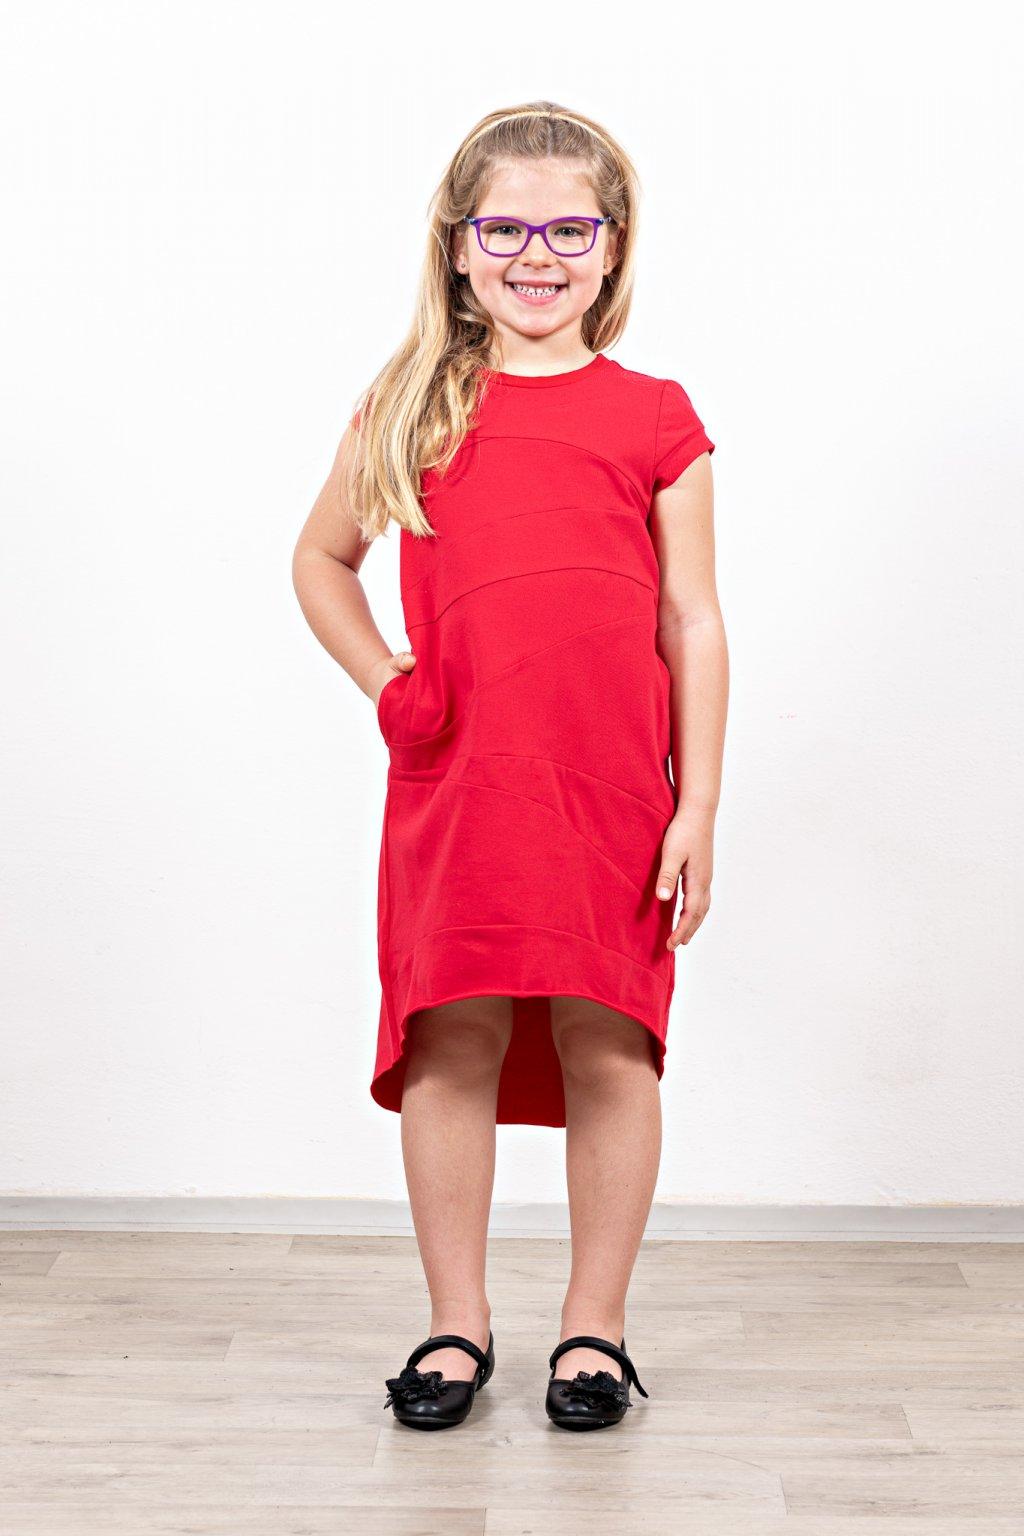 Šaty sešívané červené dětské (3)